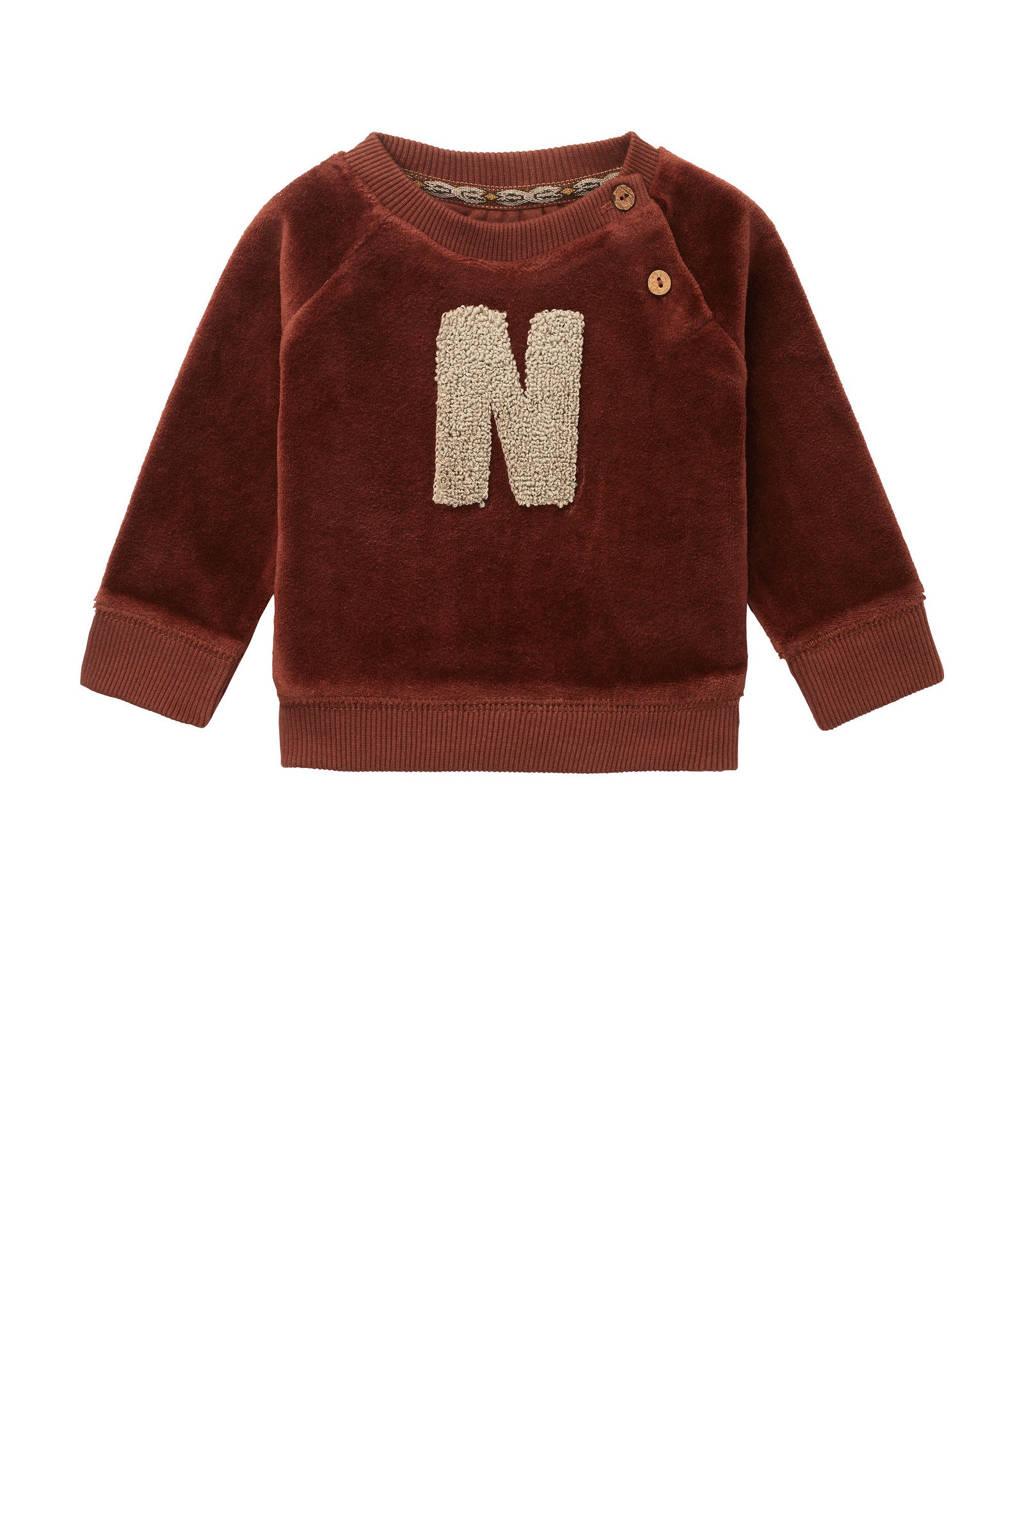 Noppies baby sweater Robel met tekst roestbruin, Roestbruin